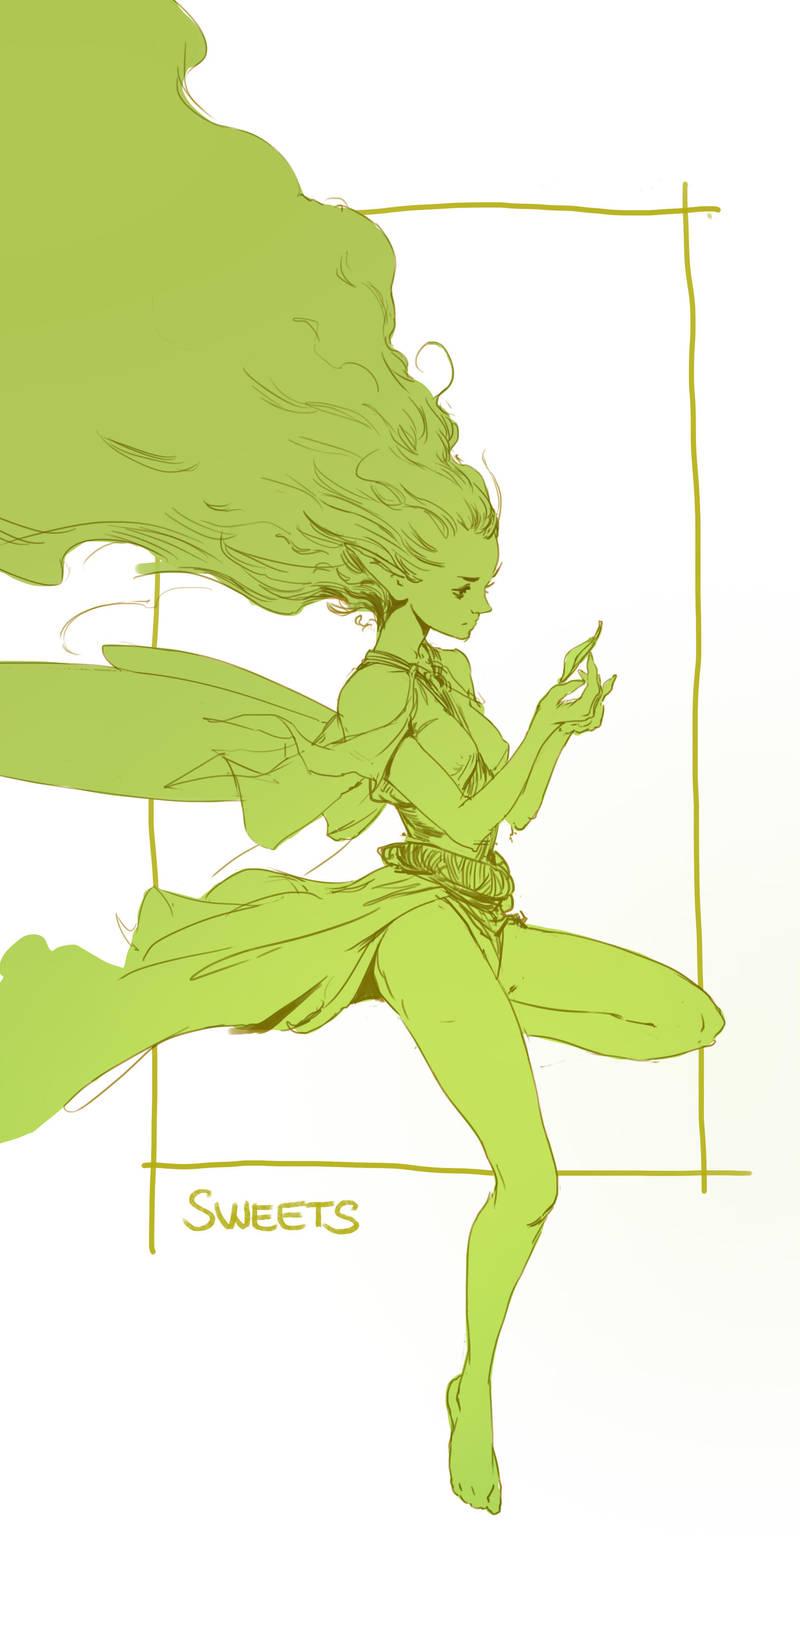 Sweets by Mischeviouslittleelf